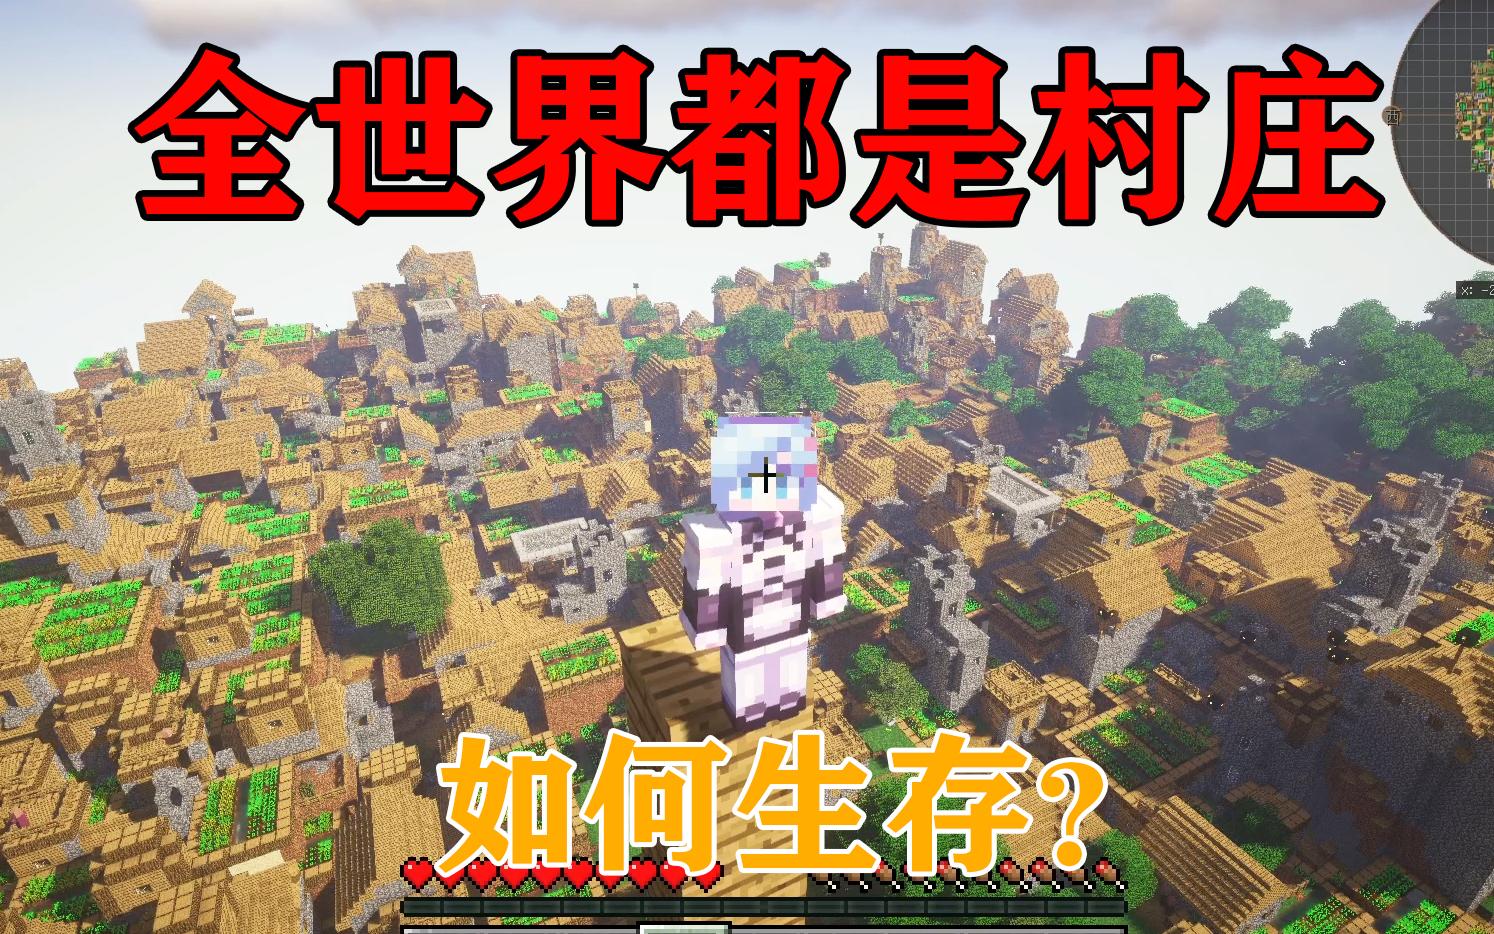 MC全世界都是村庄!村民会攻击入侵的玩家!你该怎么生存?